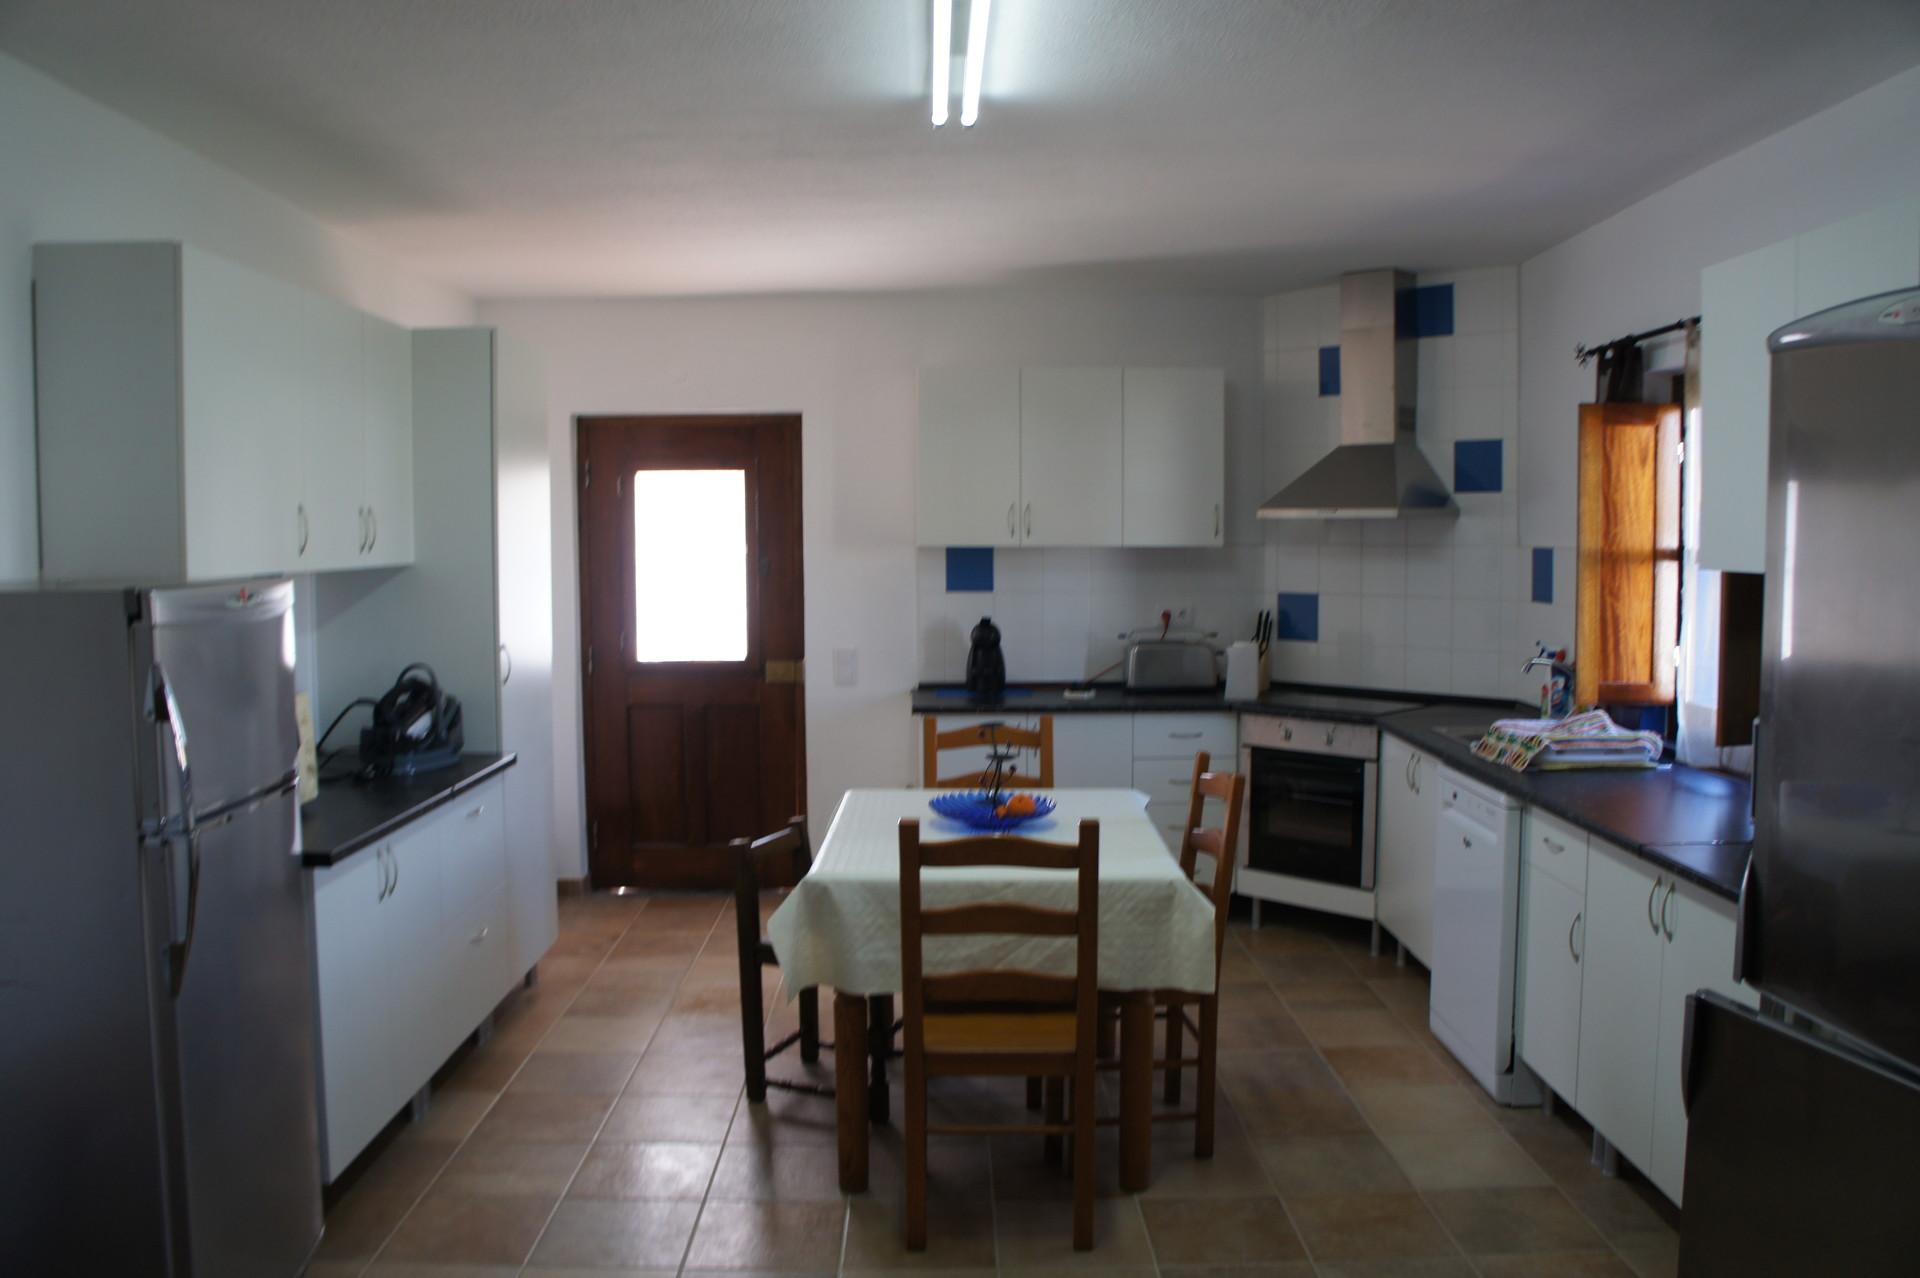 cama-dormitorio-misto-wc-suite-horta-gra